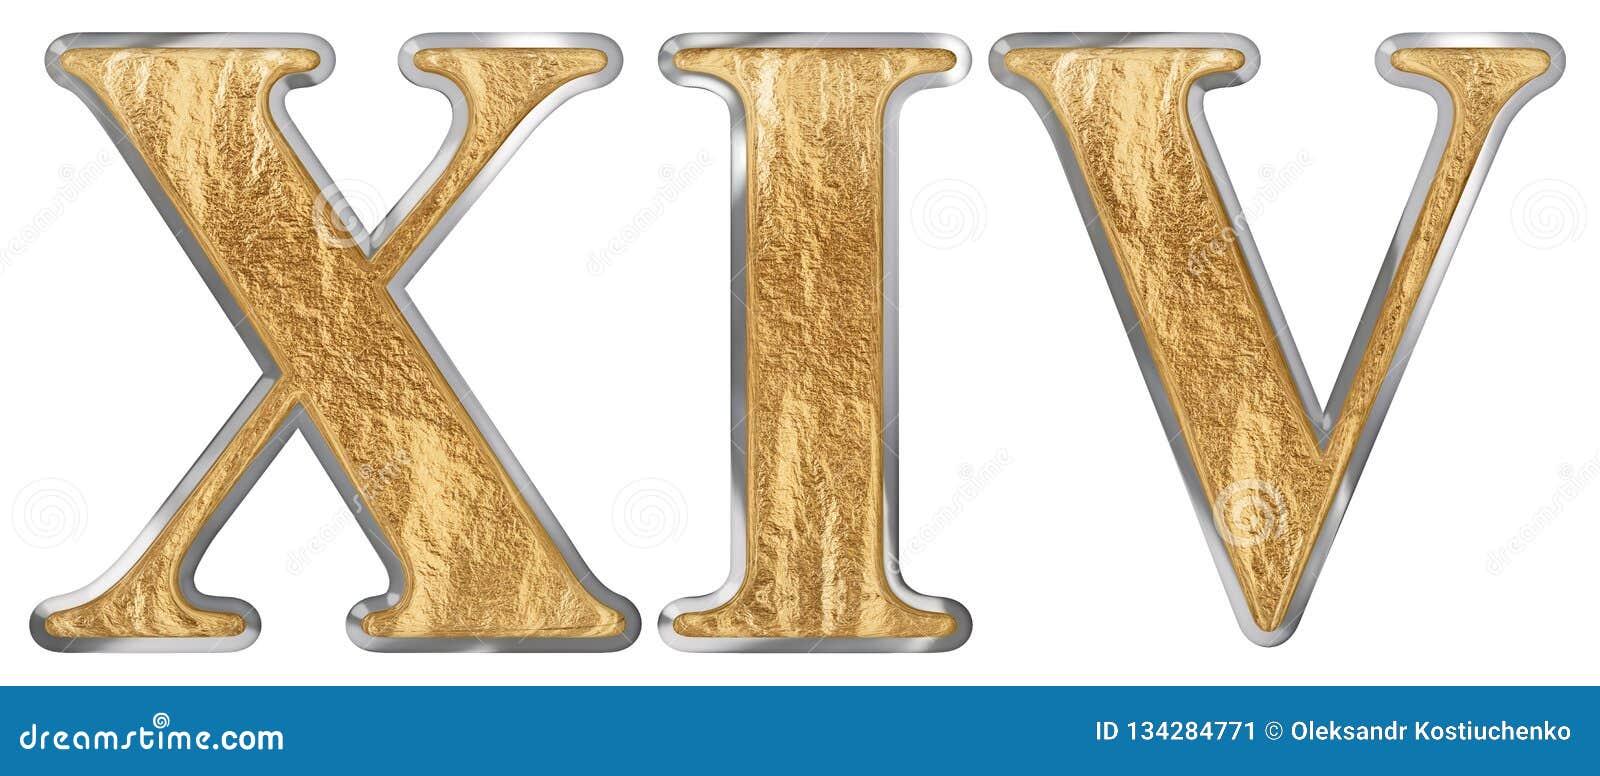 Roman Numeral Xiv Quattuordecim 14 Fourteen Isolated On White